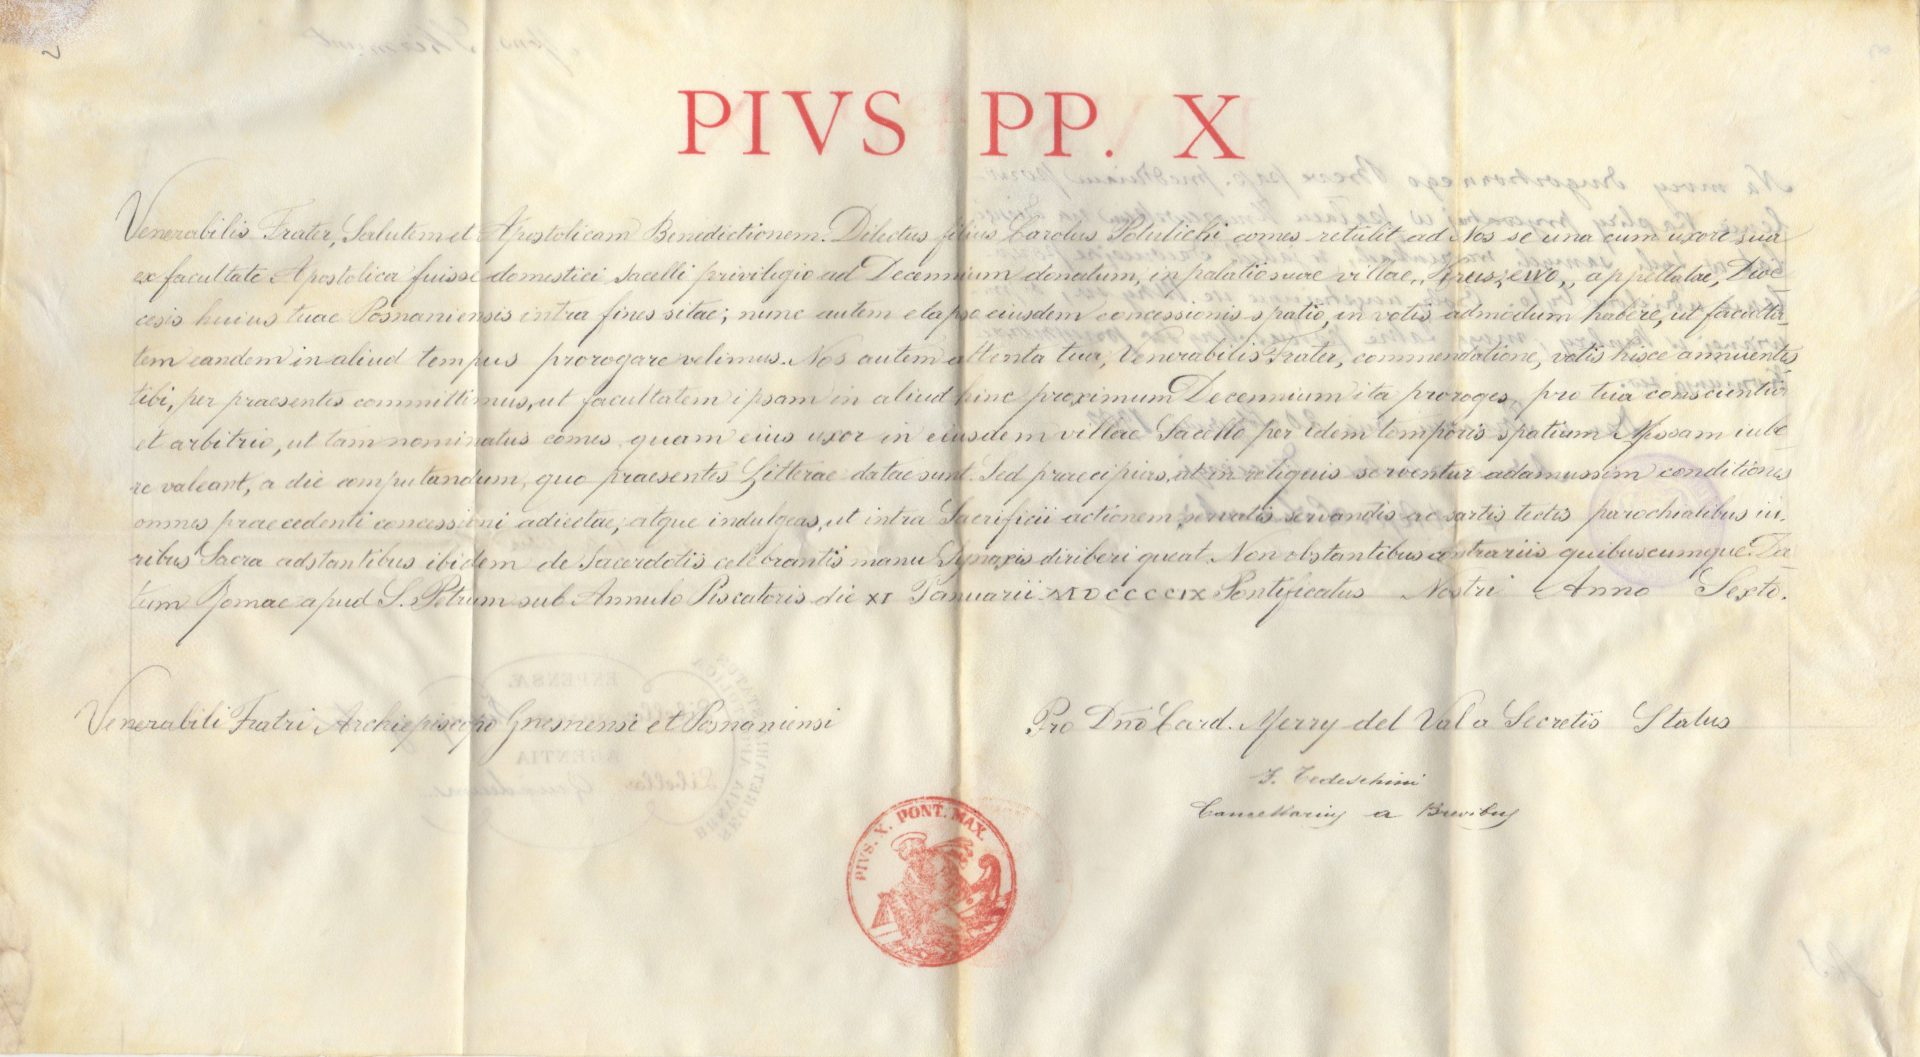 Päpstliche Urkunde von Pius X. für die Erlaubnis der Benutzung einer privaten Kapelle im Schloss Kruszewo für die nächsten 10 Jahre